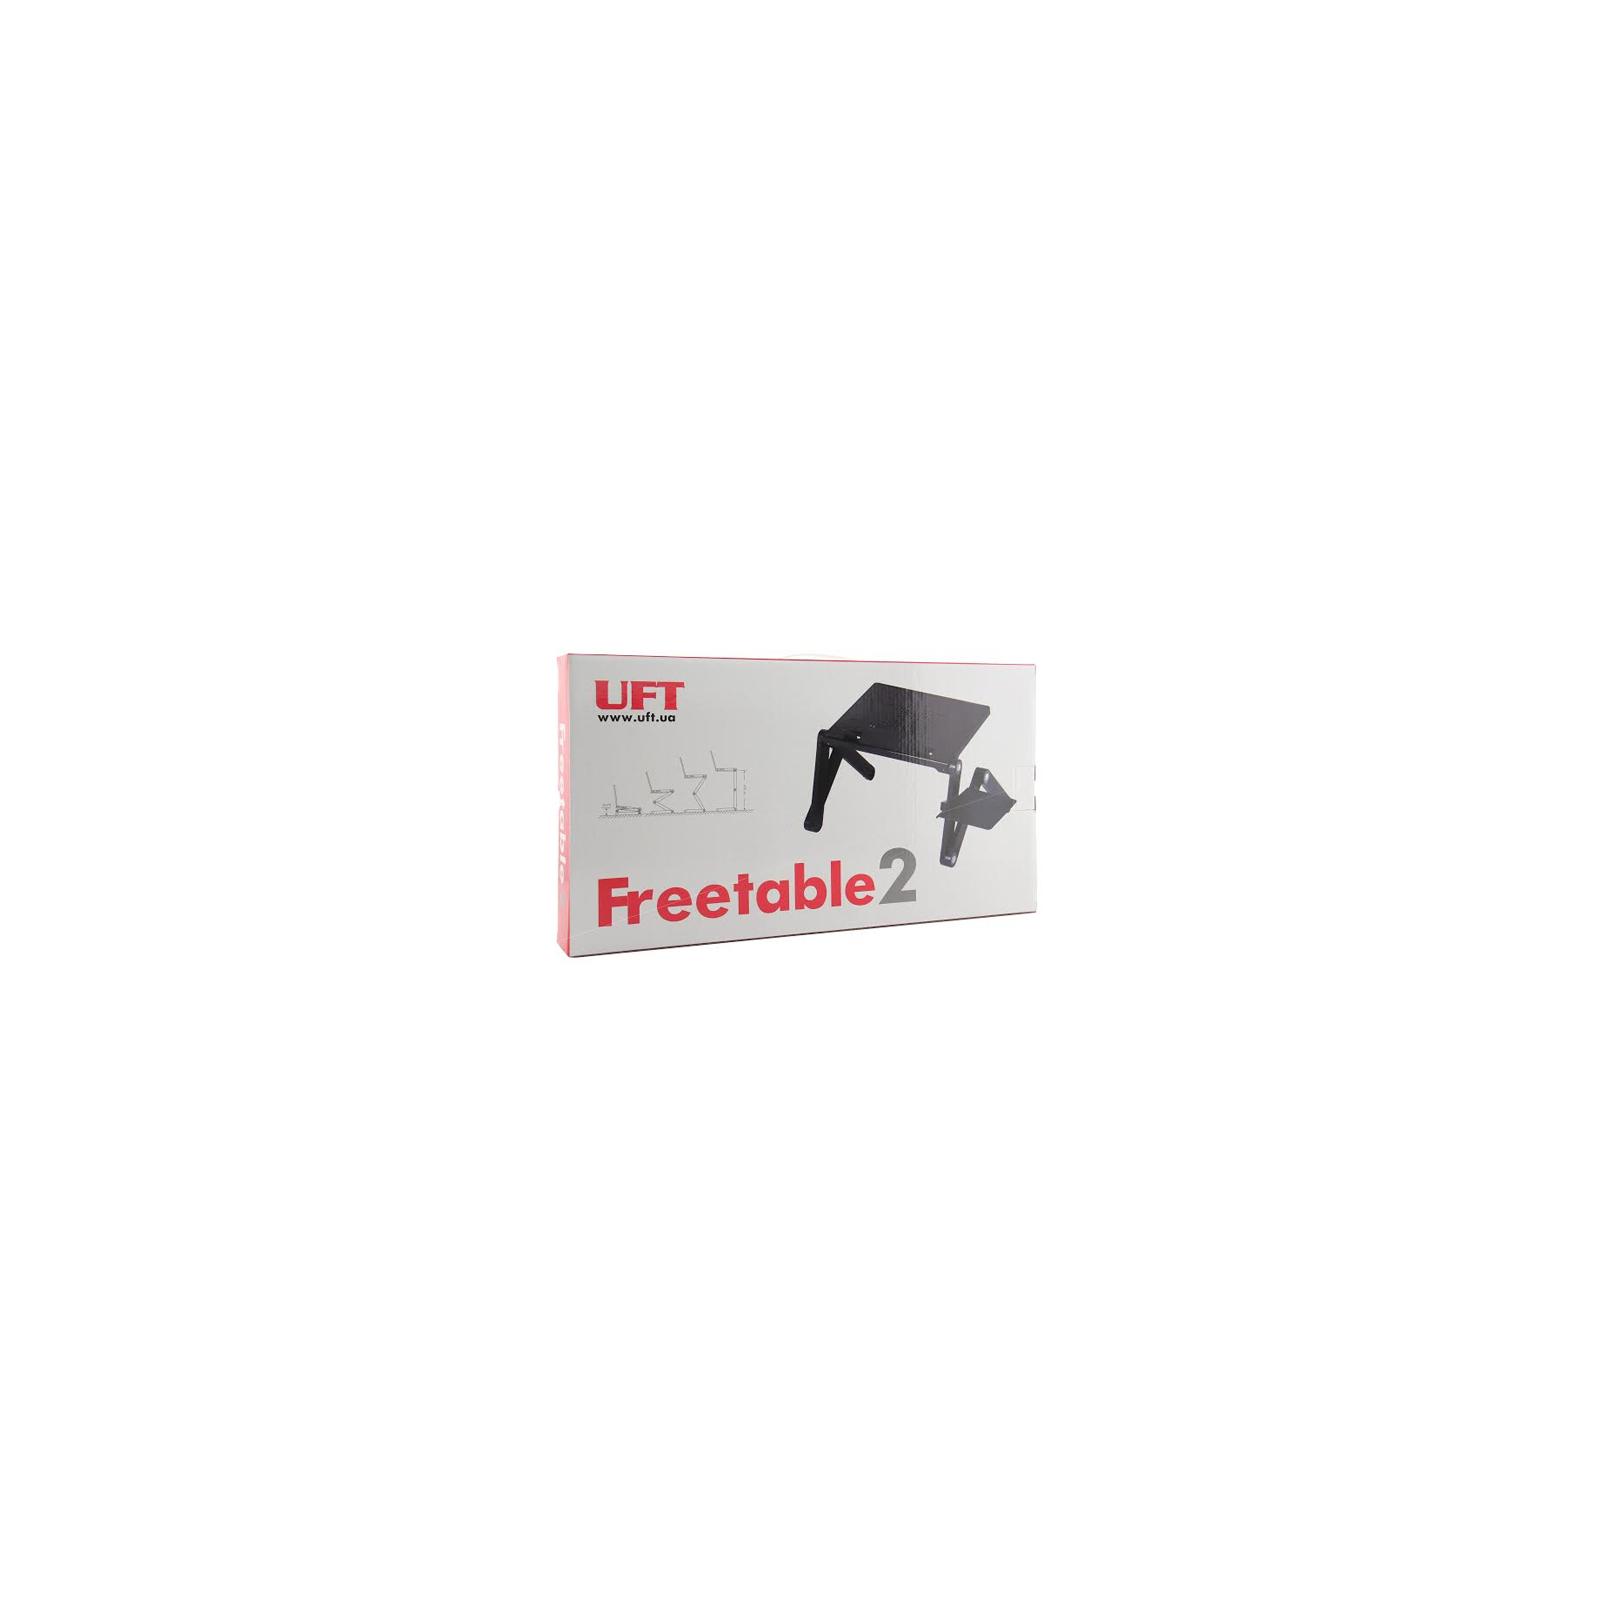 Подставка для ноутбука UFT FreeTable-2 изображение 4